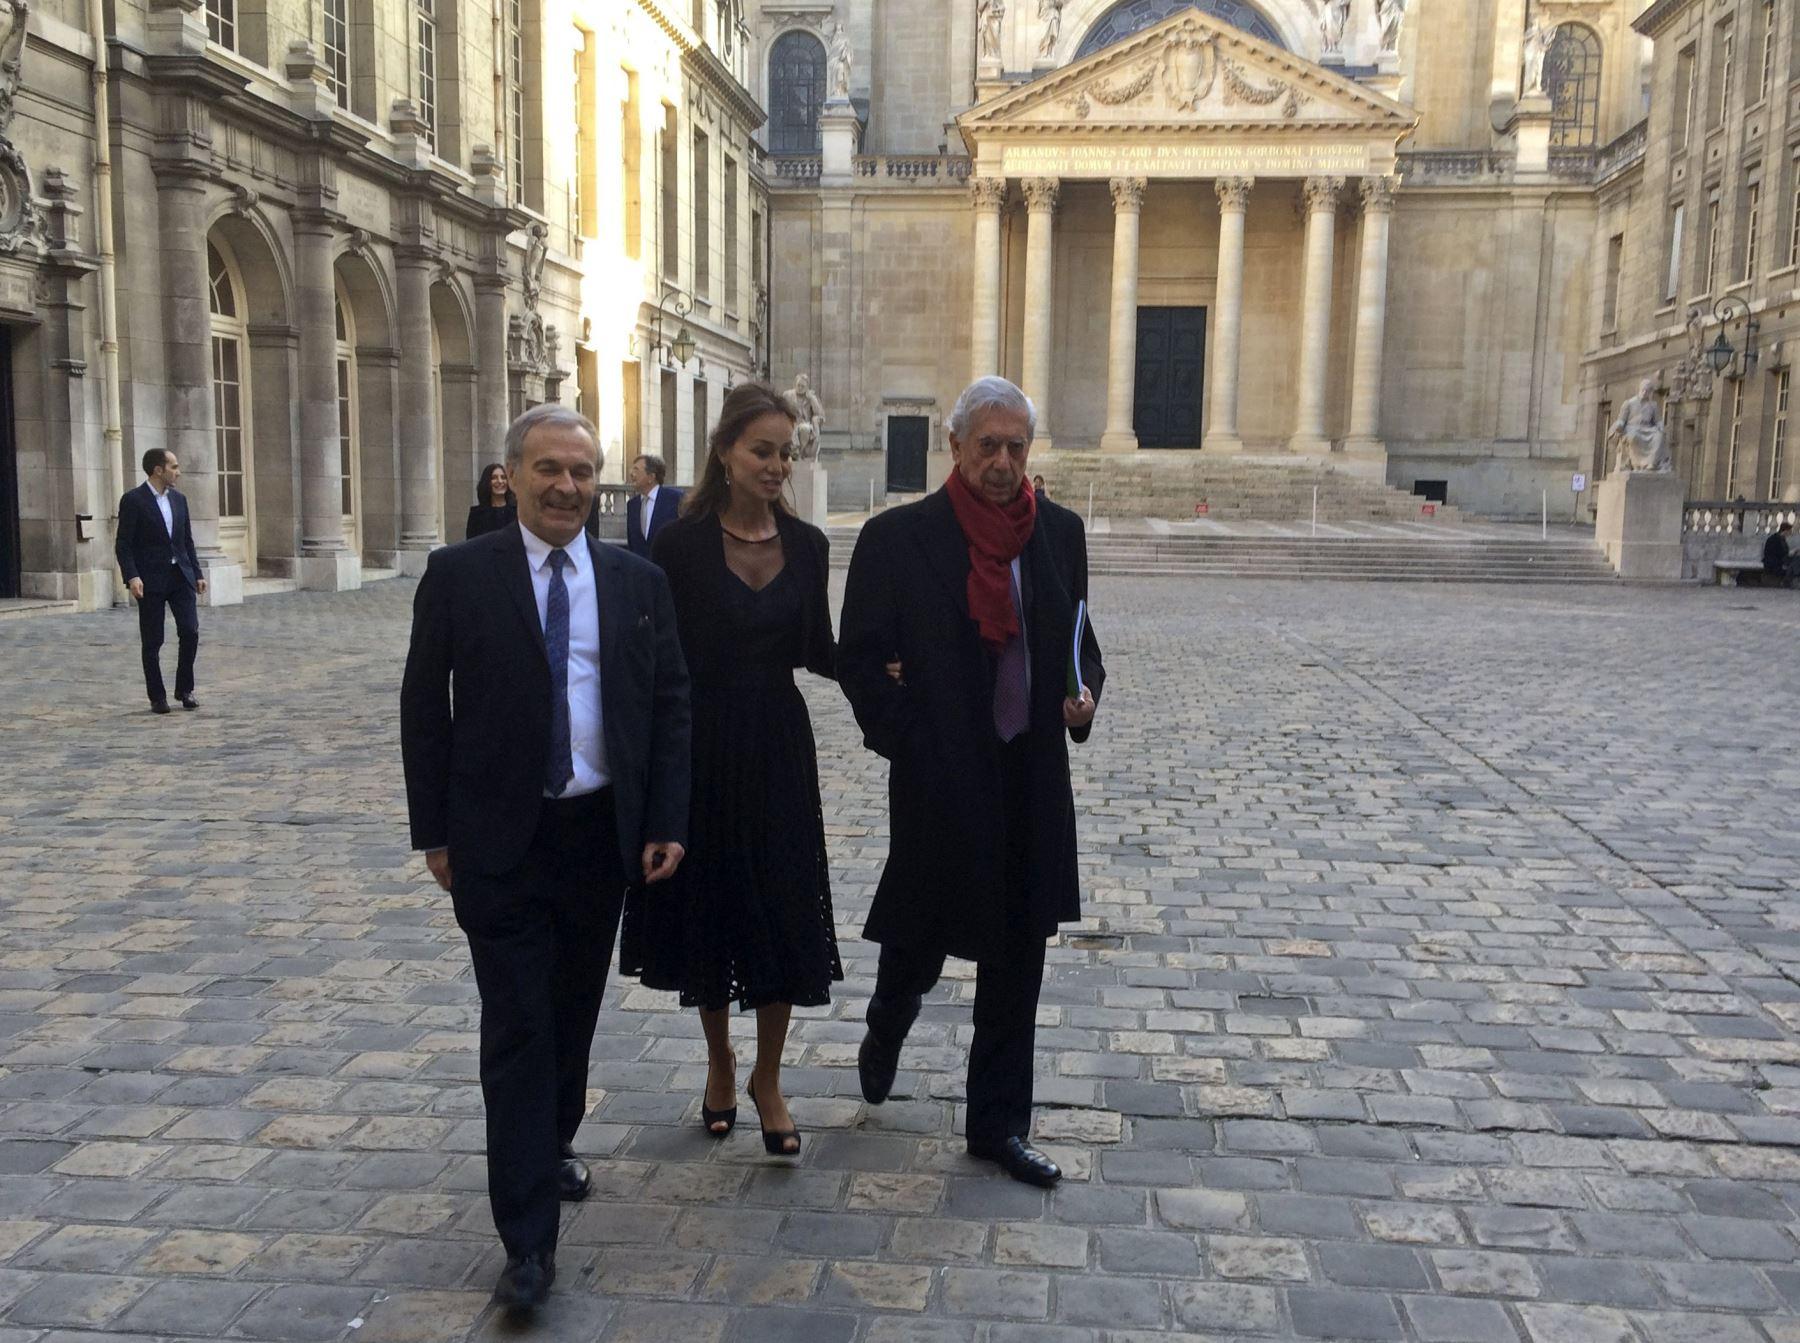 Universidad parisina La Sorbona rinde homenaje a Mario Vargas Llosa. Foto: EFE